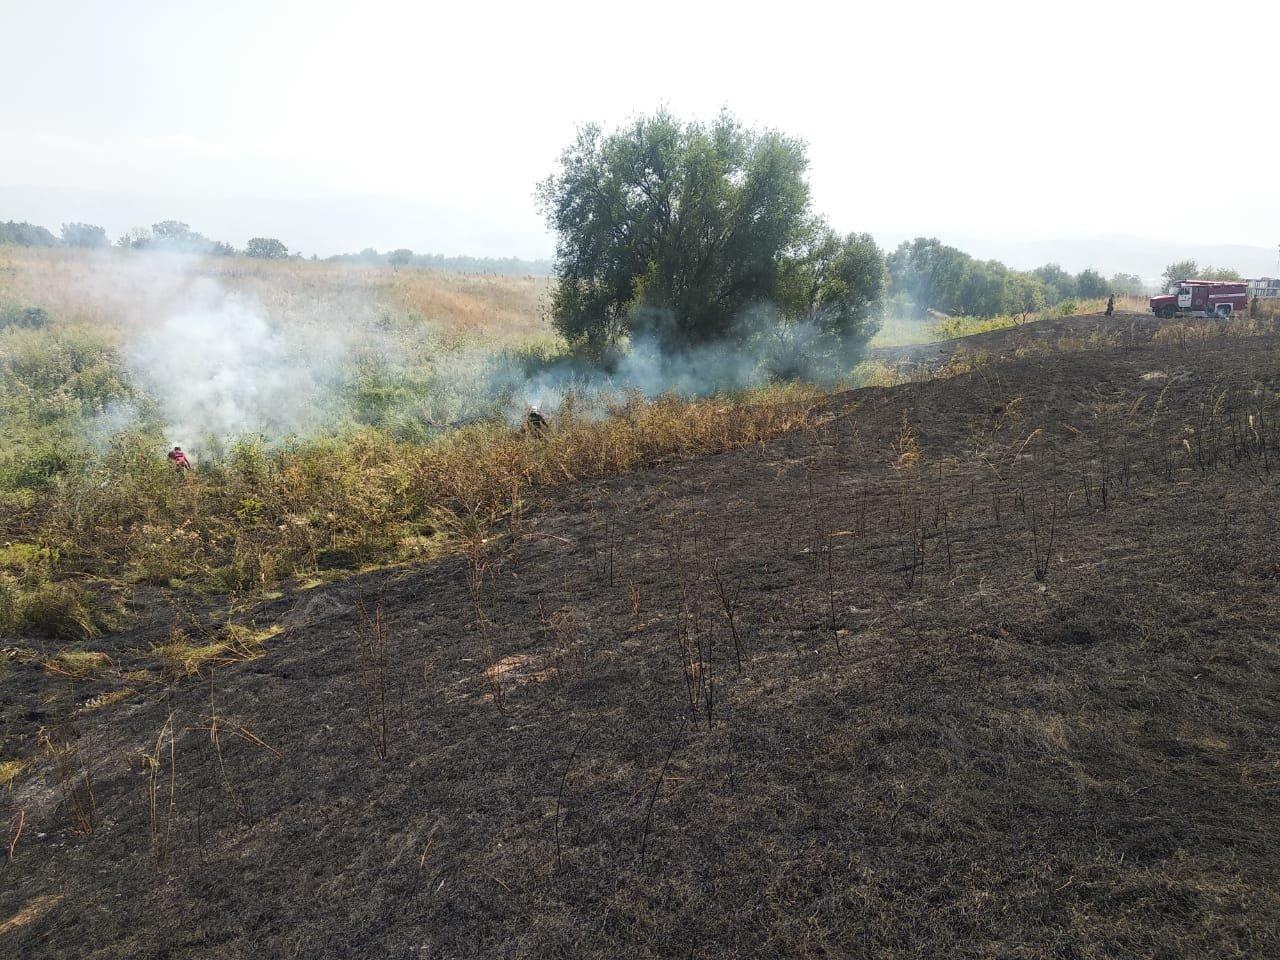 В Алматы снова тушили пожар сухостоя, фото-1, Фото пресс-служба ДЧС Алматы